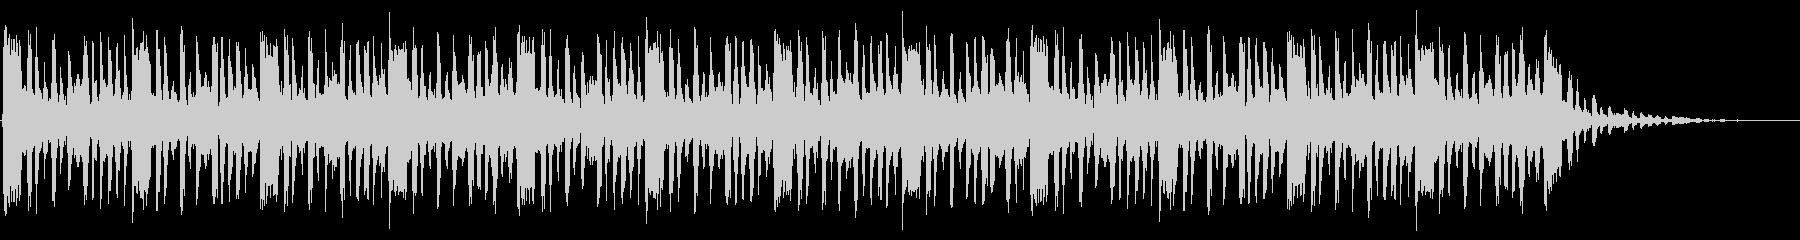 ショートBGM:ファンク-Cの未再生の波形